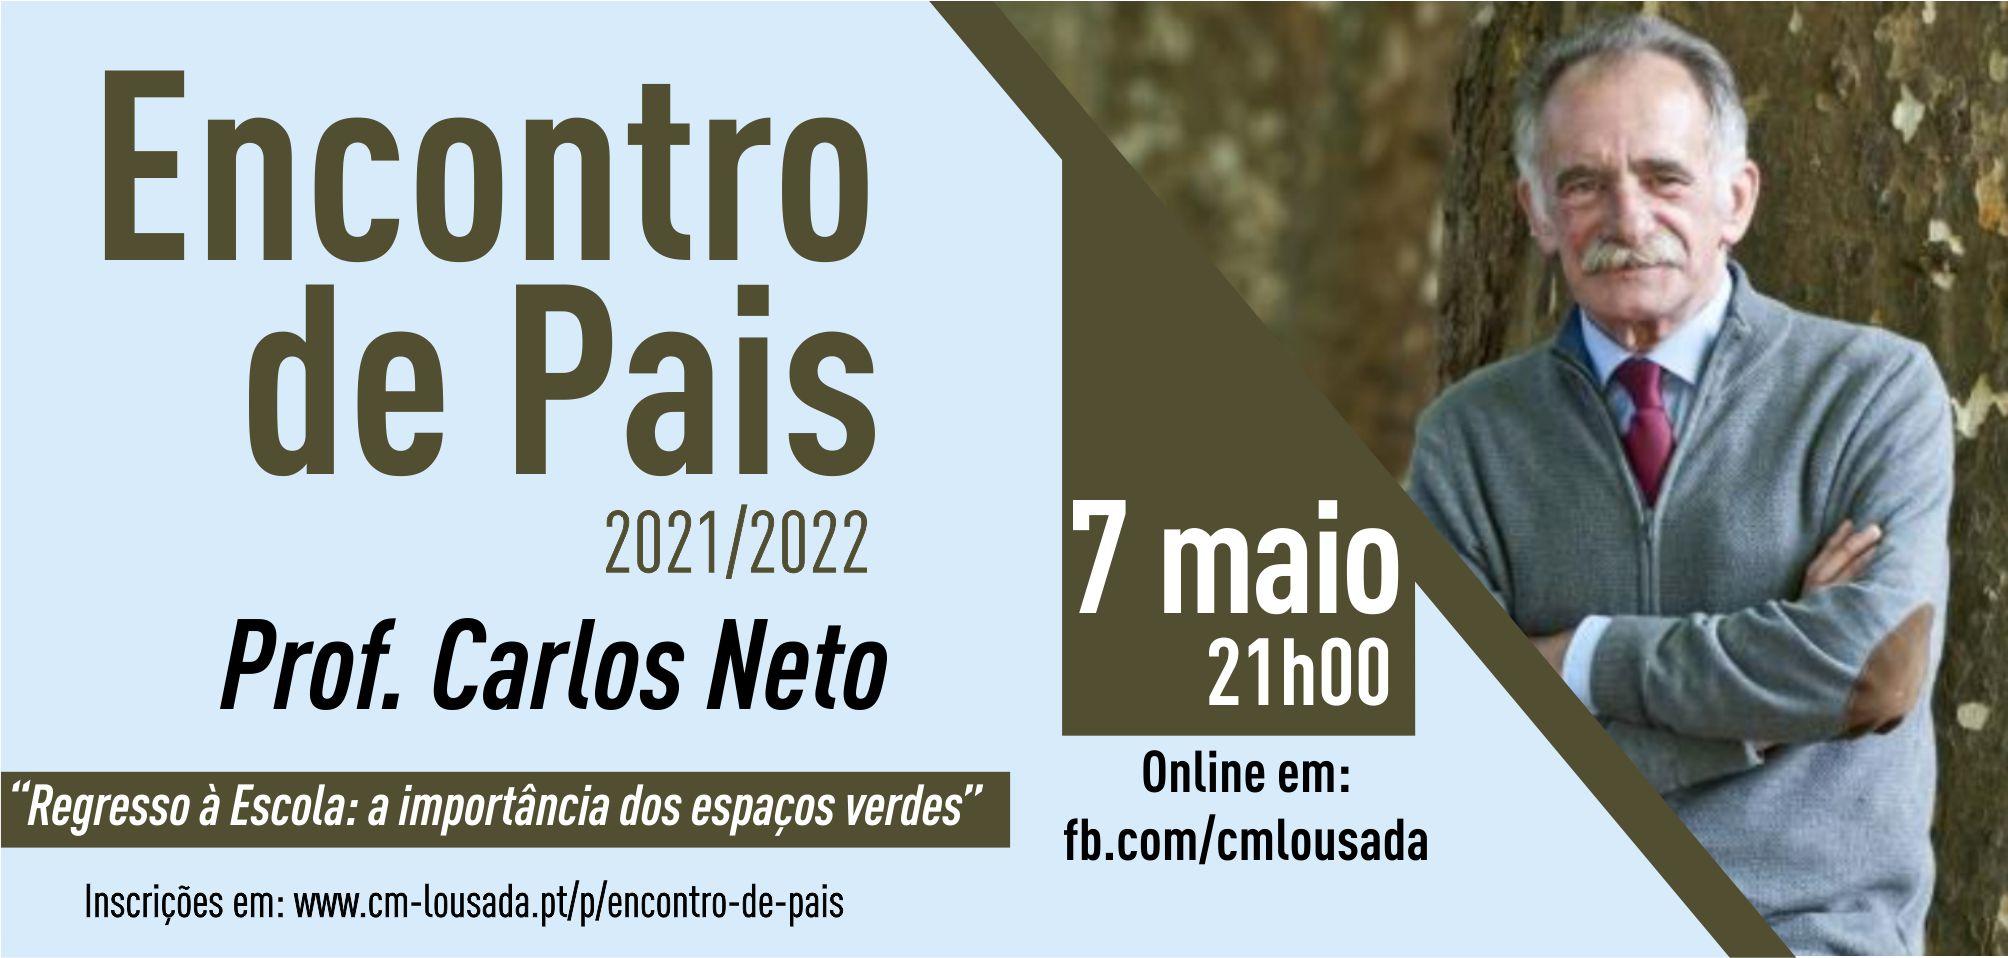 Encontro de Pais - Carlos Neto